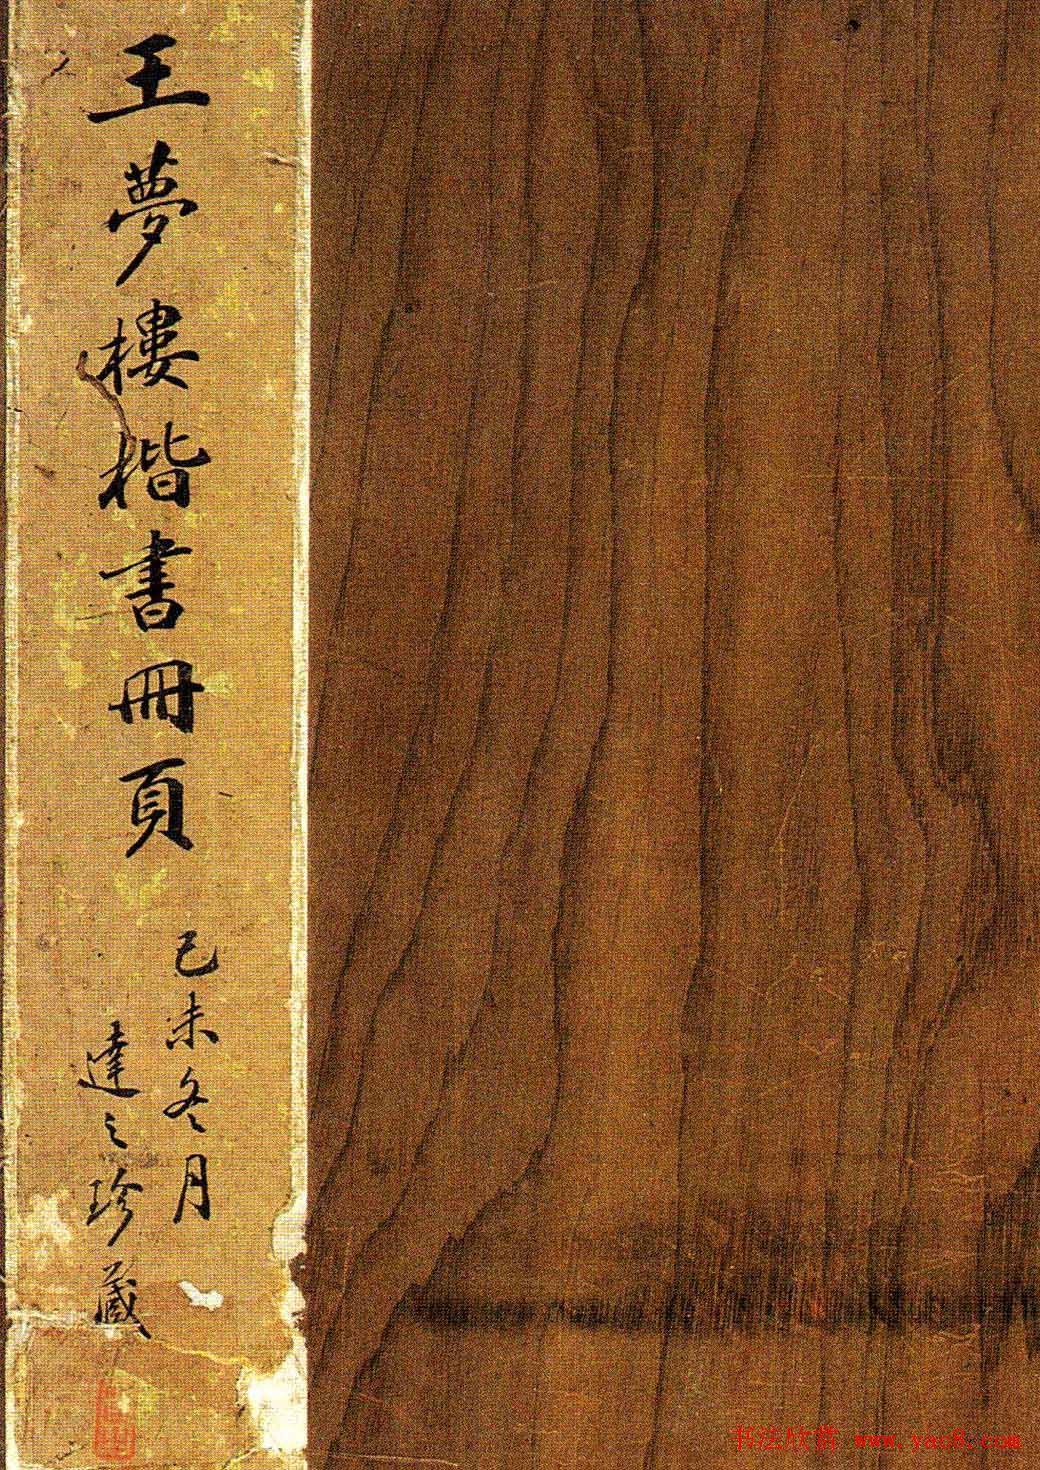 王文治楷书赏析《次男维桓圹铭》册页